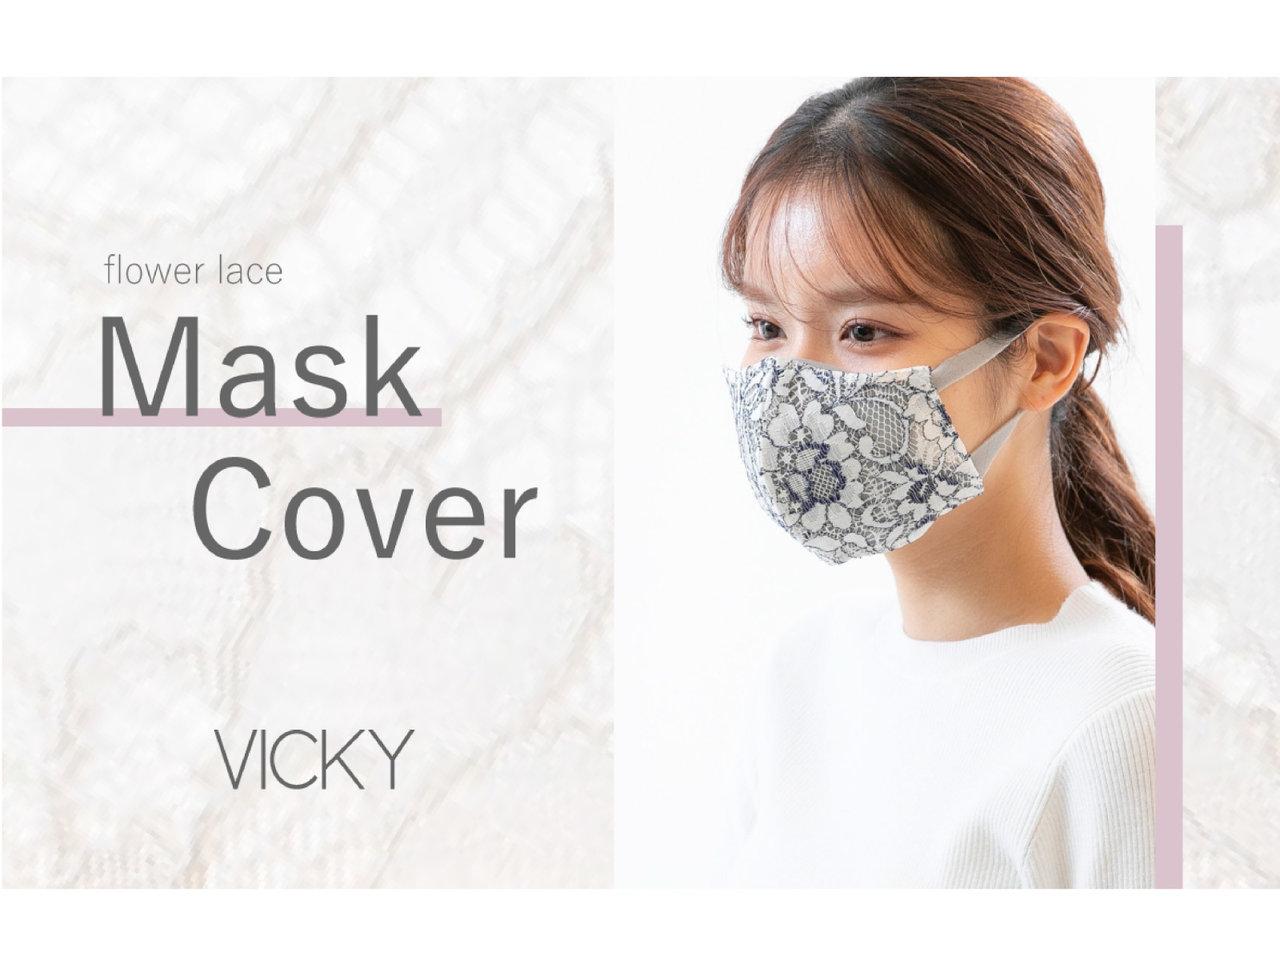 マスクでおしゃれを楽しむ時代にぴったり。VICKYからマスクに付けるレースカバーが登場です。